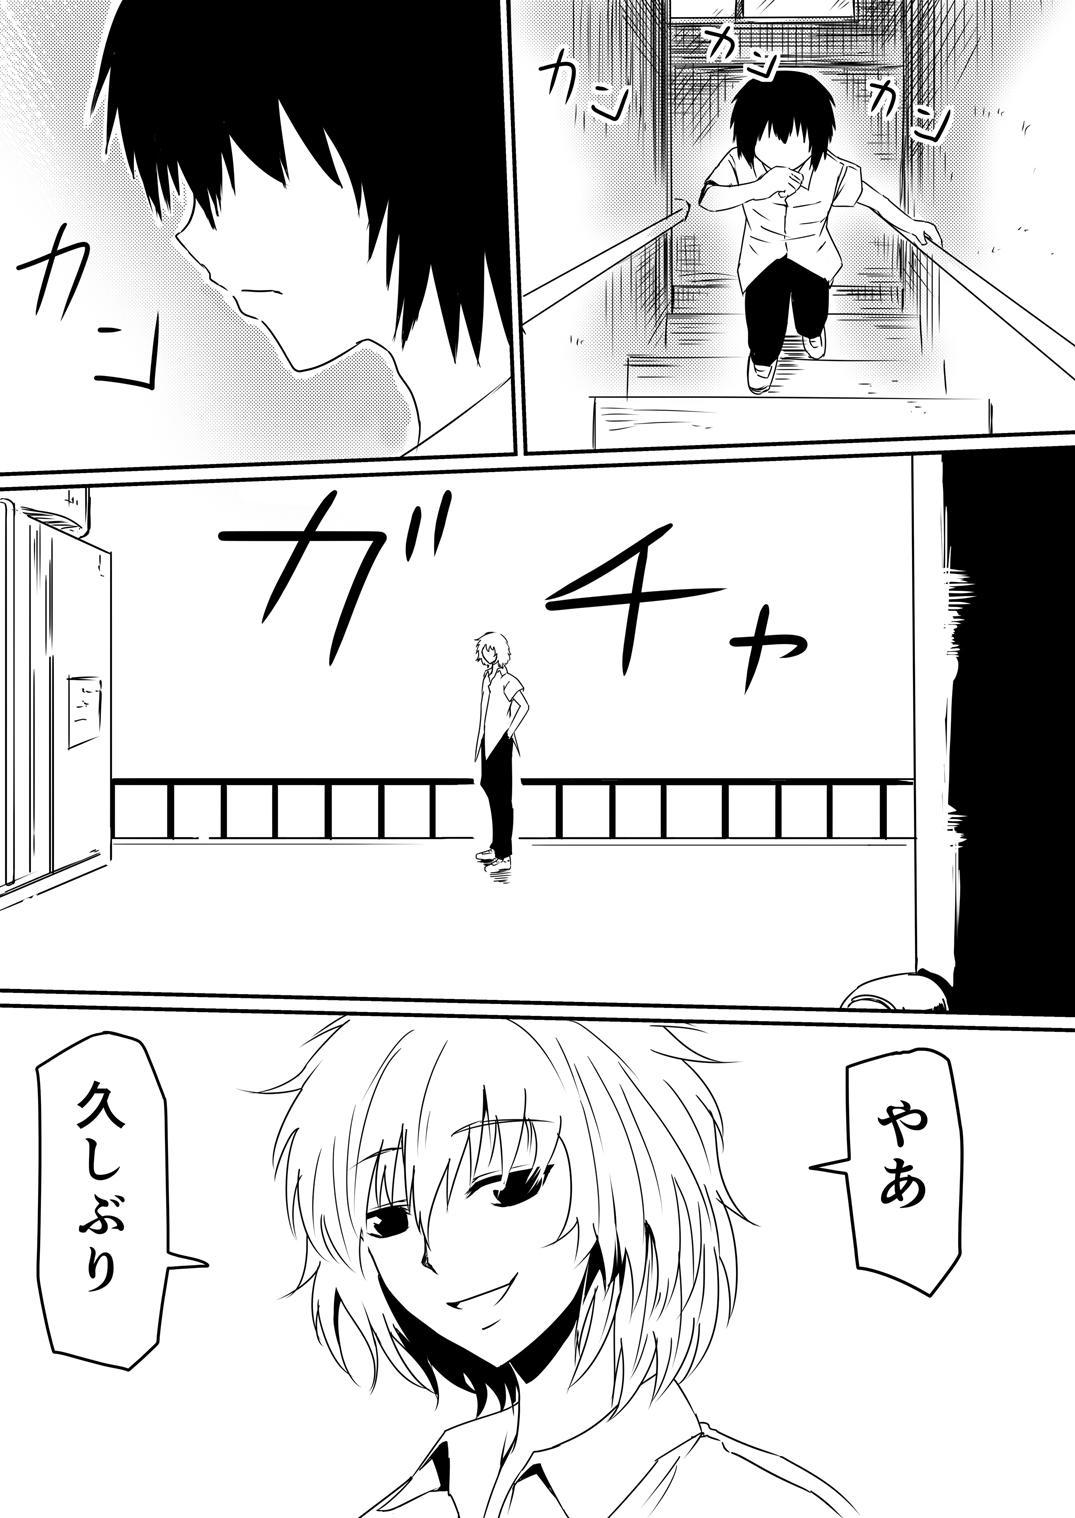 Mashou no Chinko o Motsu Shounen Kouhen 56